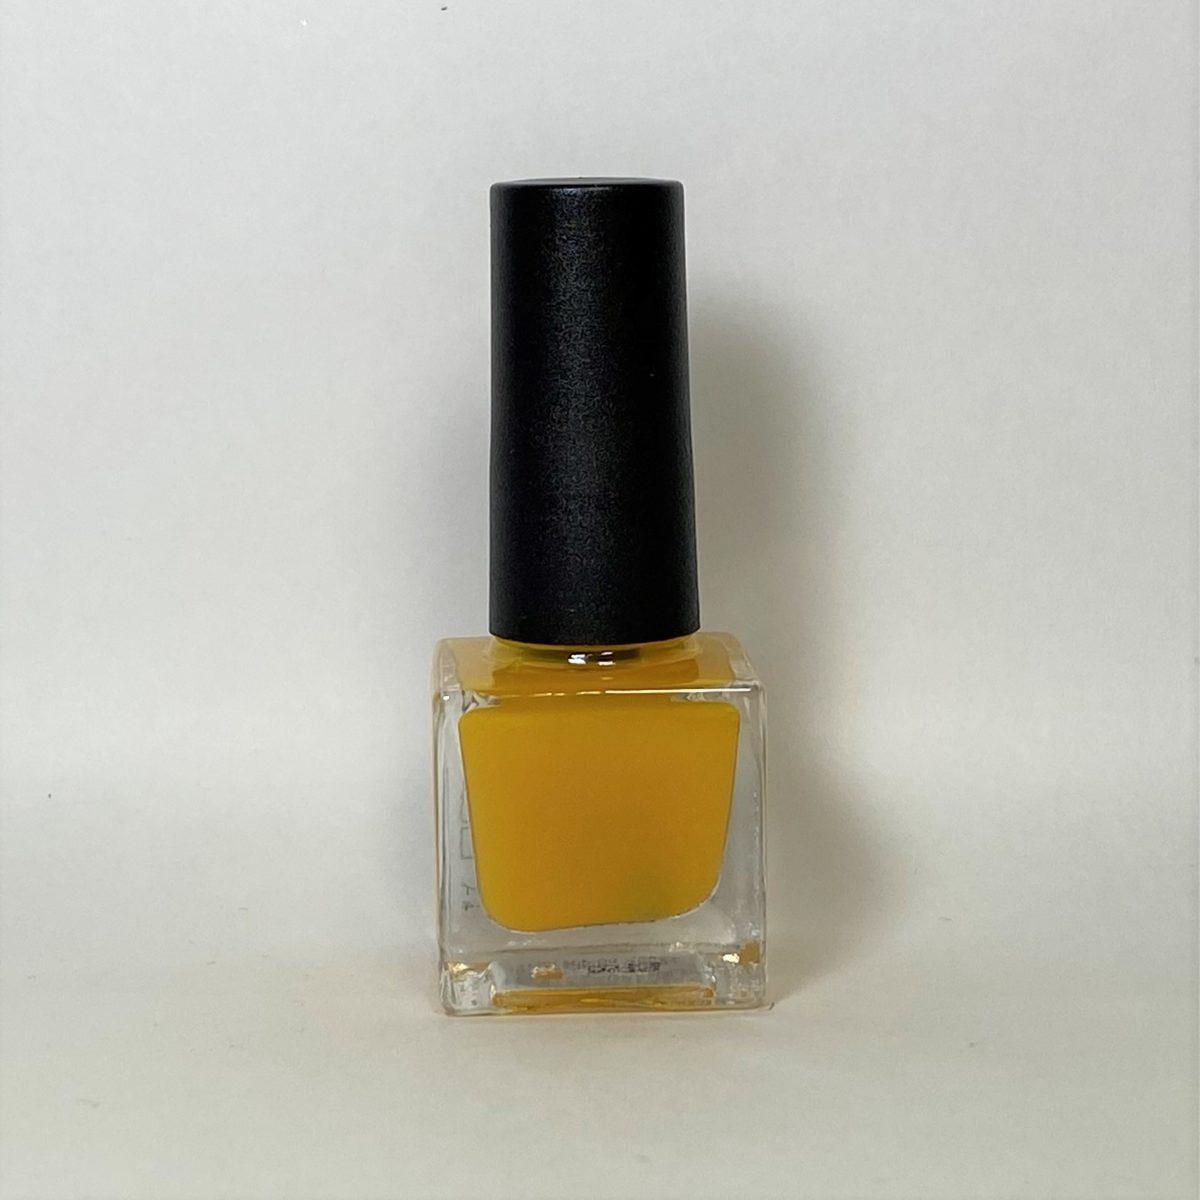 ネイルポリッシュ C08 Yellow